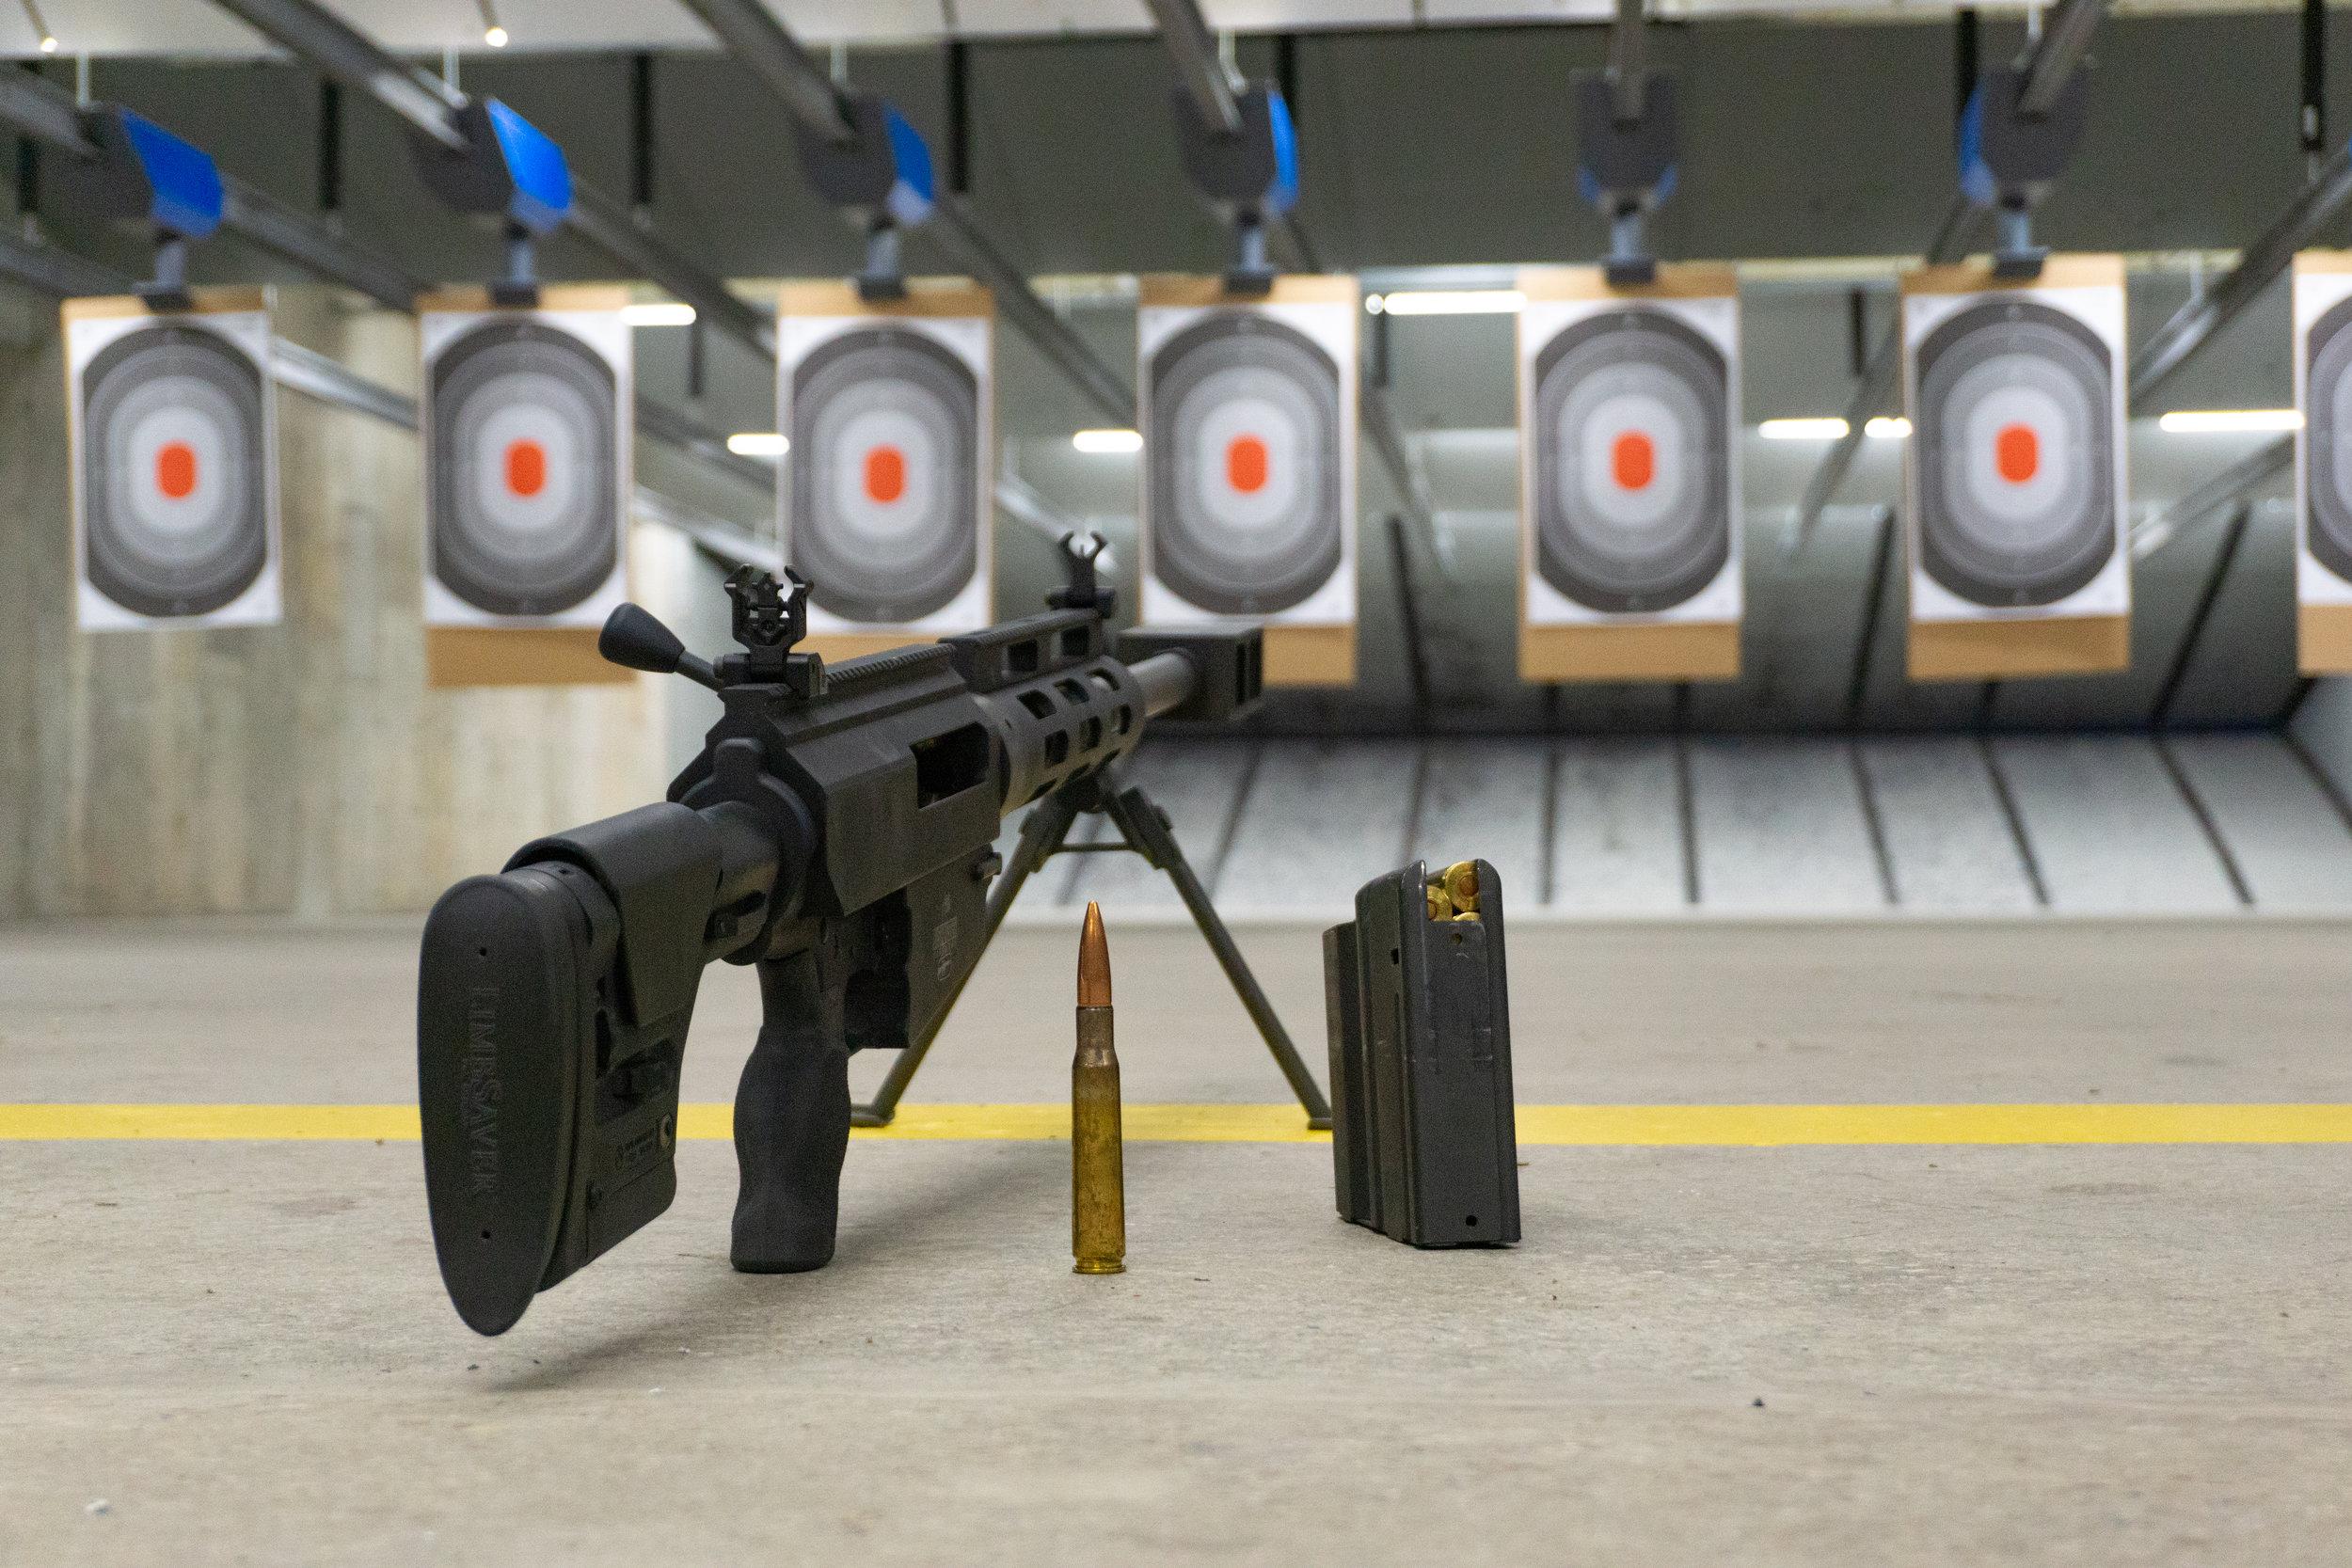 Rent Gun Shooting Range | Hot Brass West Springfield MA